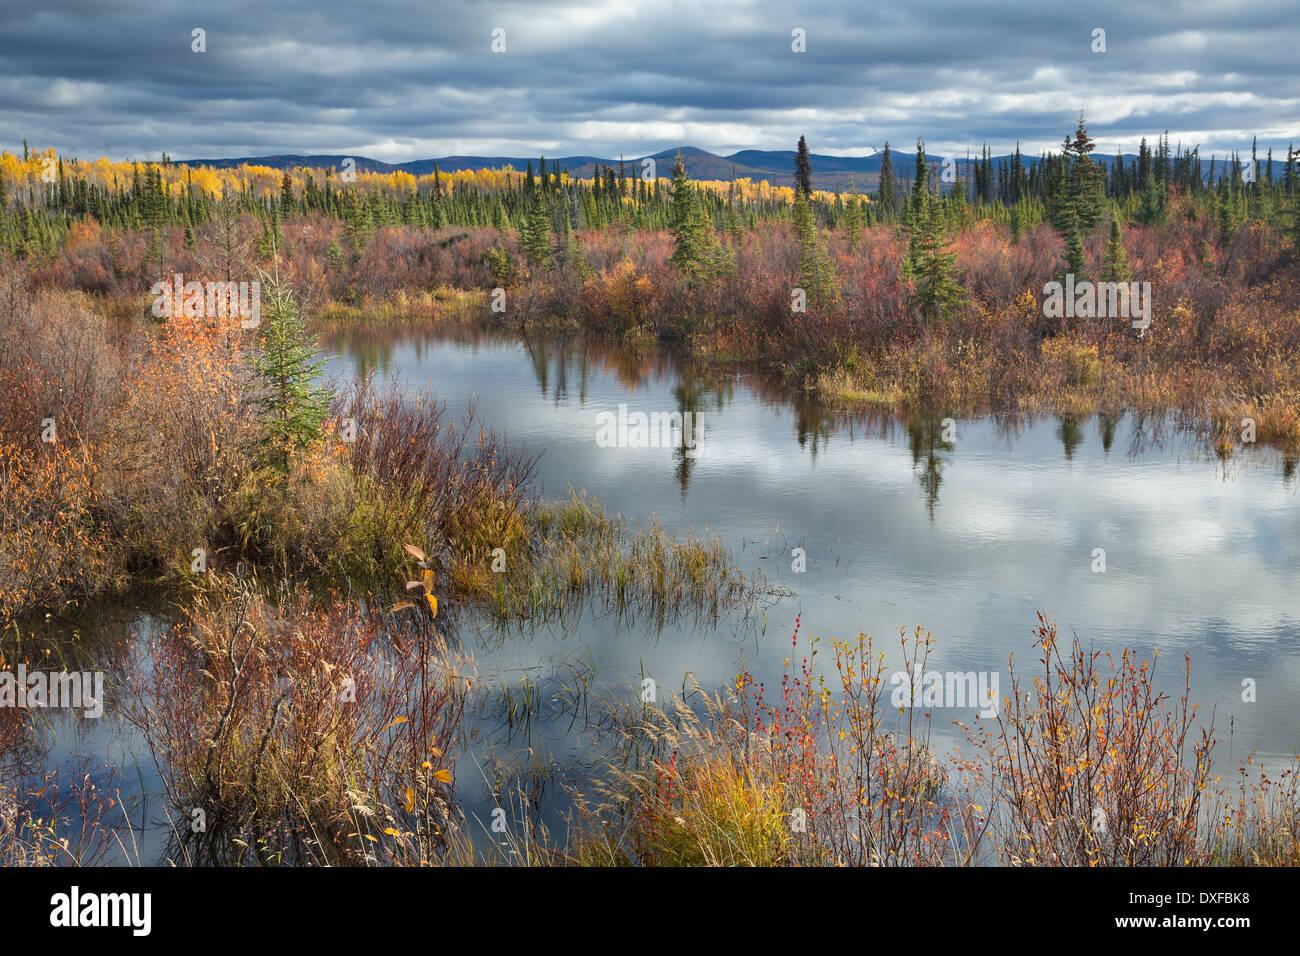 Couleurs d'automne dans la forêt boréale sur la piste de l'argent près de Mayo, au Yukon, Canada Photo Stock